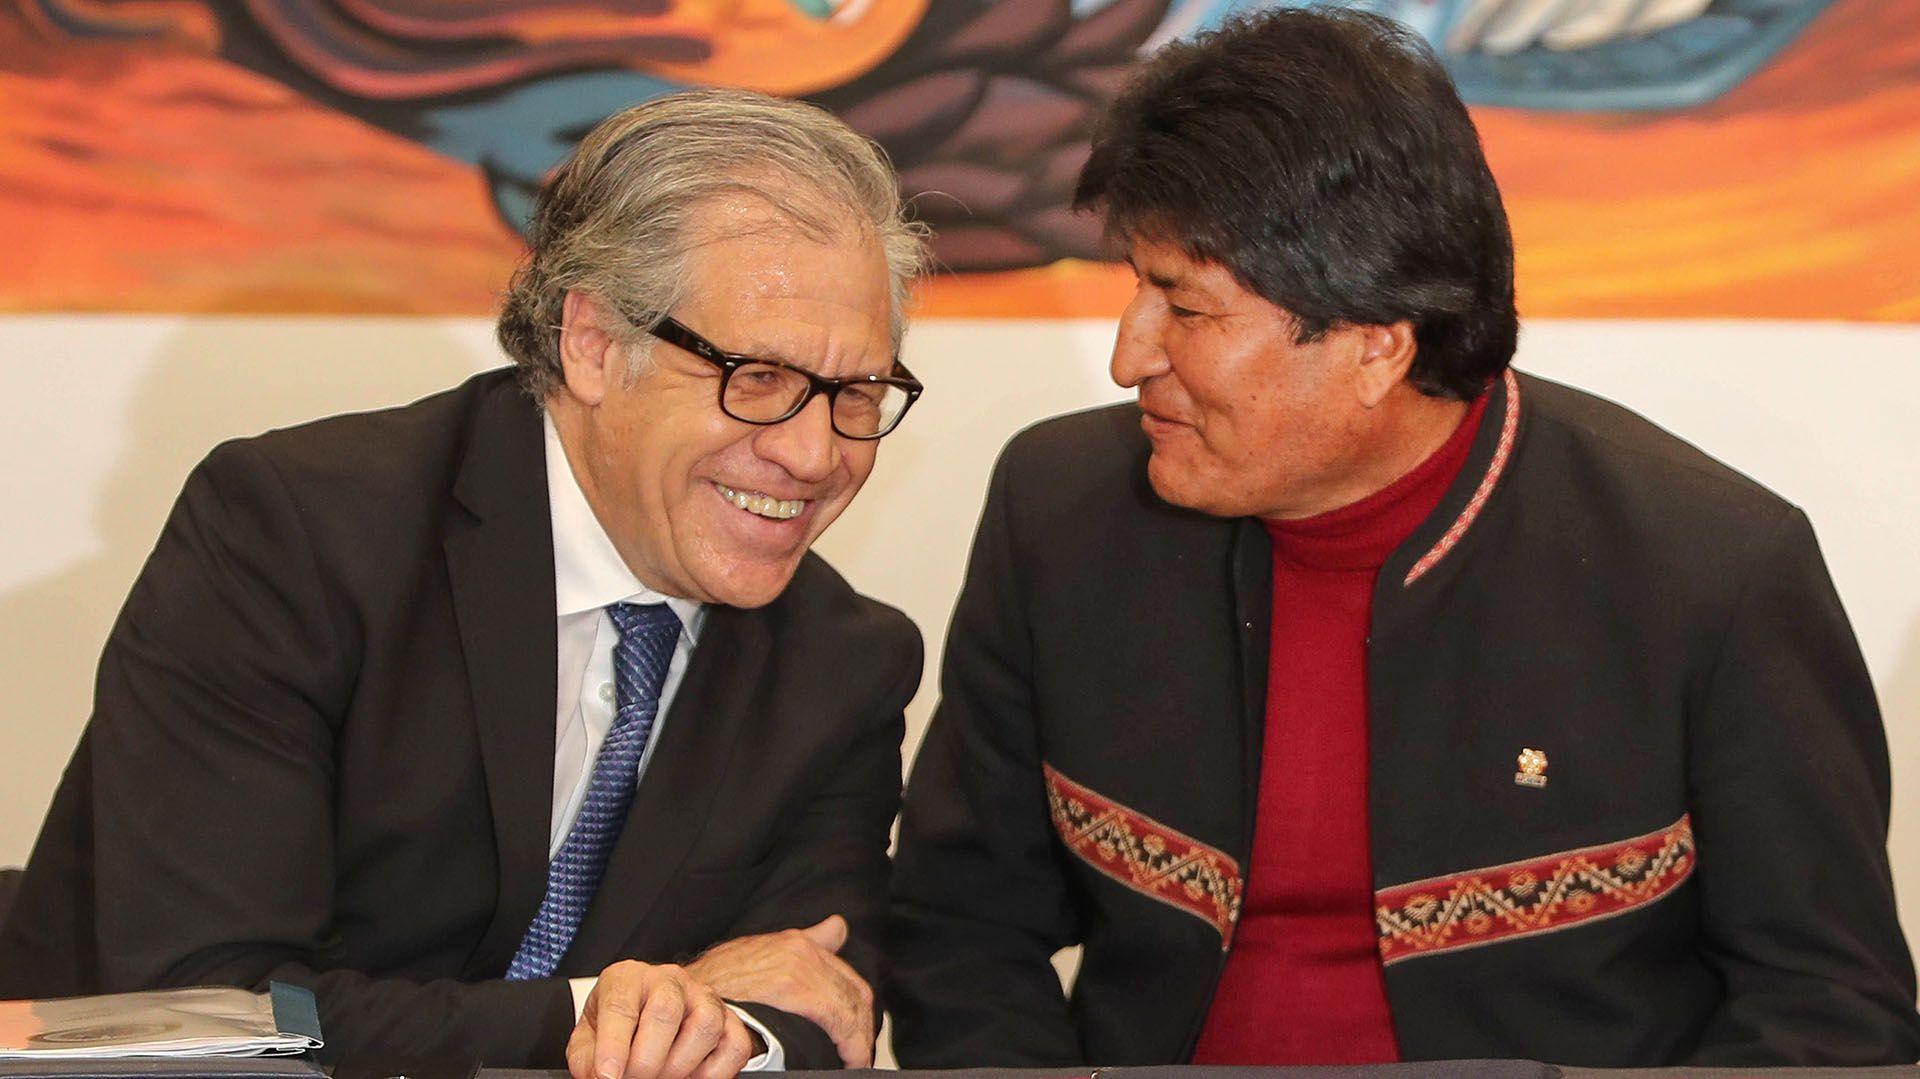 El secretario general de la Organización de Estados Americanos (OEA), Luis Almagro, conversando con el presidente de Bolivia, Evo Morales, durante la firma de un acuerdo el 17 de mayo de 2019 en La Paz (EFE)